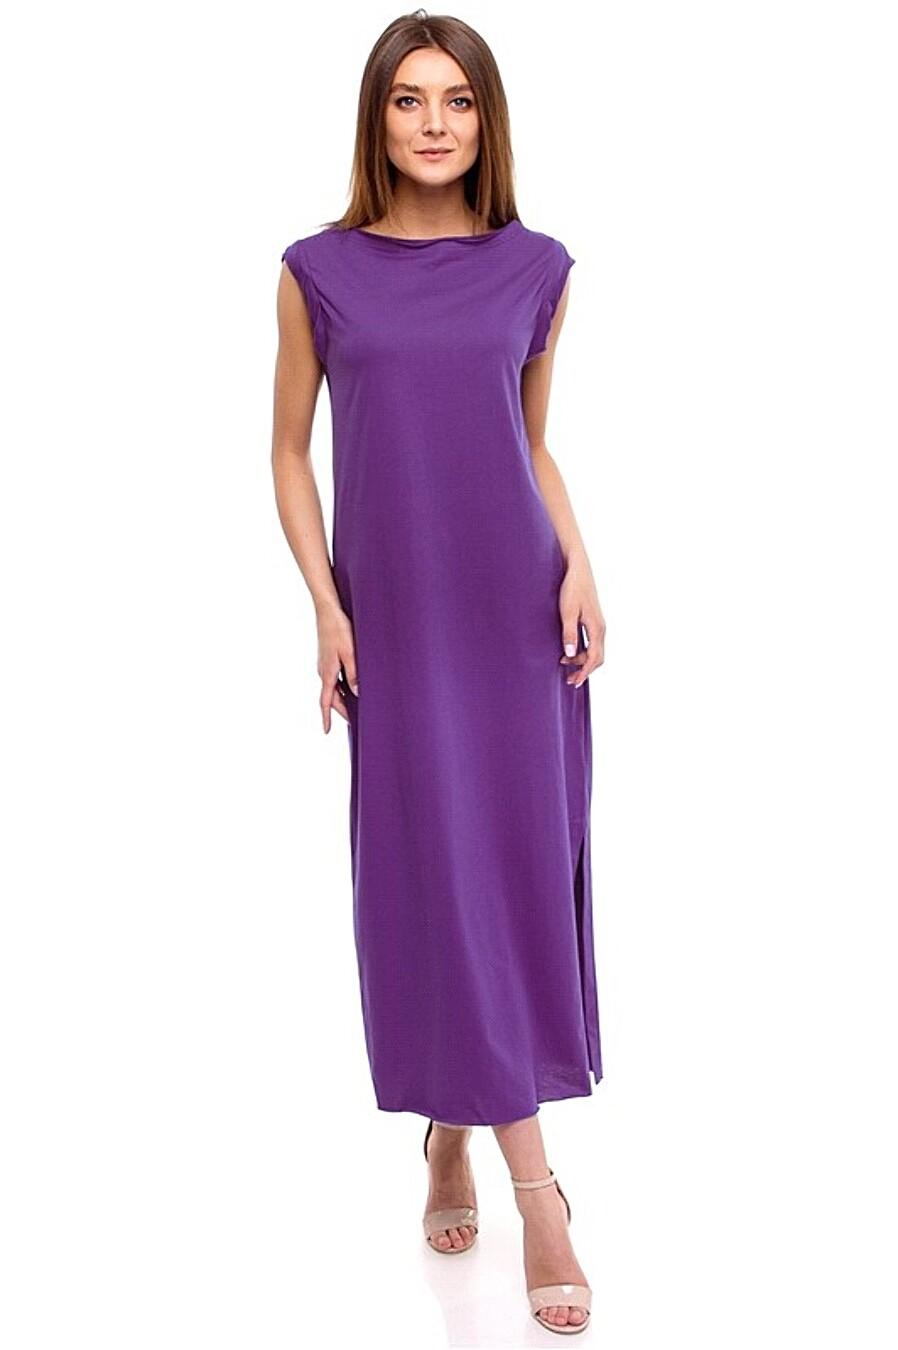 Платье для женщин АПРЕЛЬ 218907 купить оптом от производителя. Совместная покупка женской одежды в OptMoyo